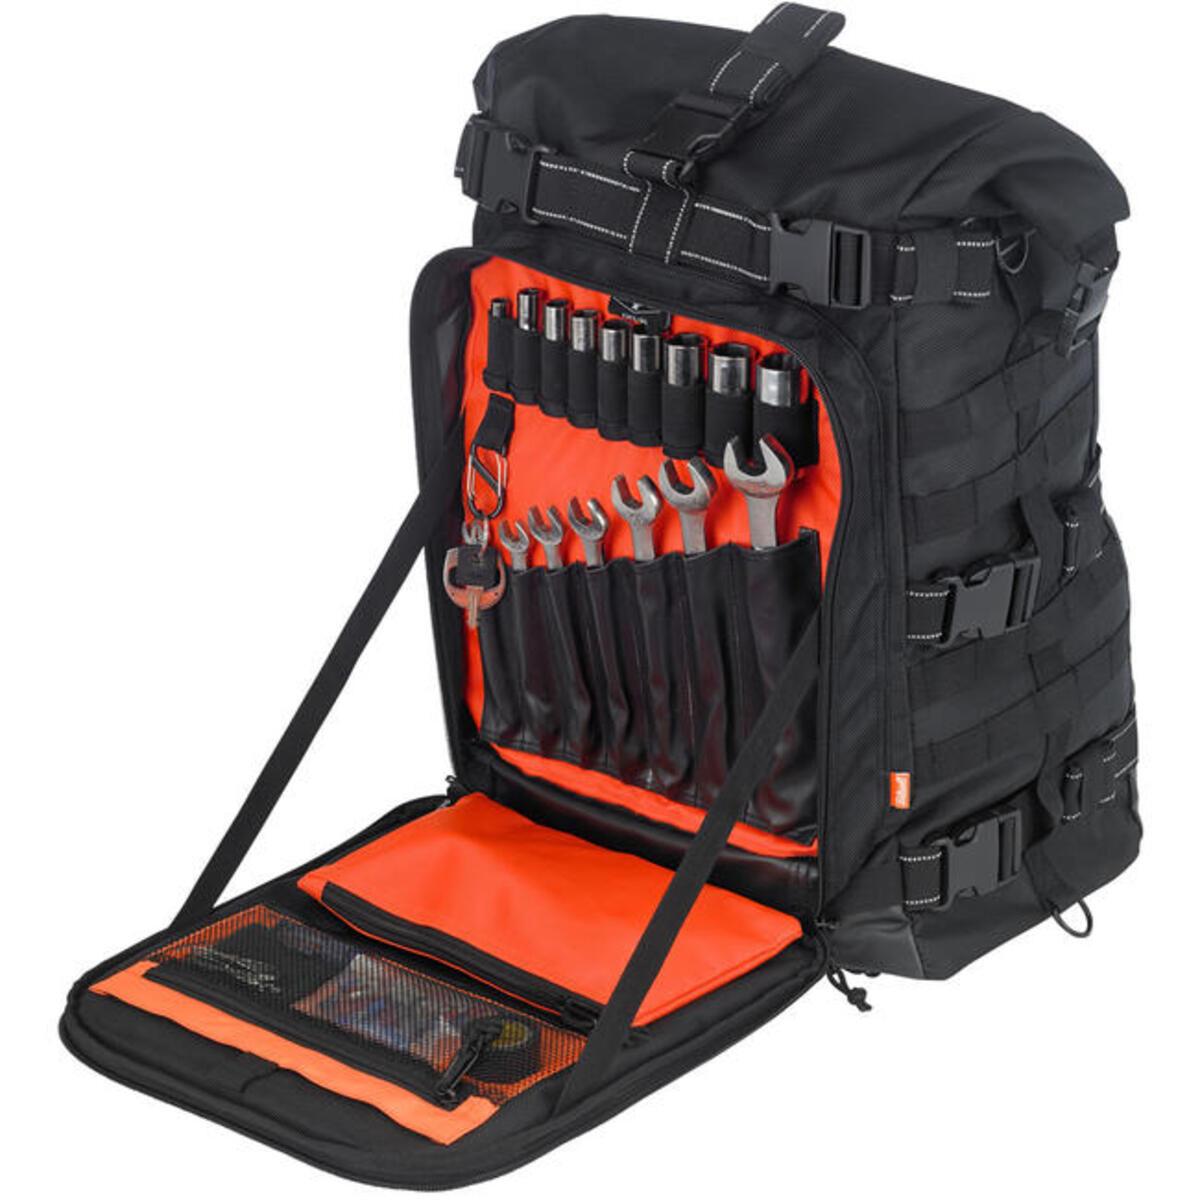 1c88e99be8 EXFIL-80 BAG, lo zaino porta attrezzi per il chi viaggia in moto -  Love2Drive - Moto.it